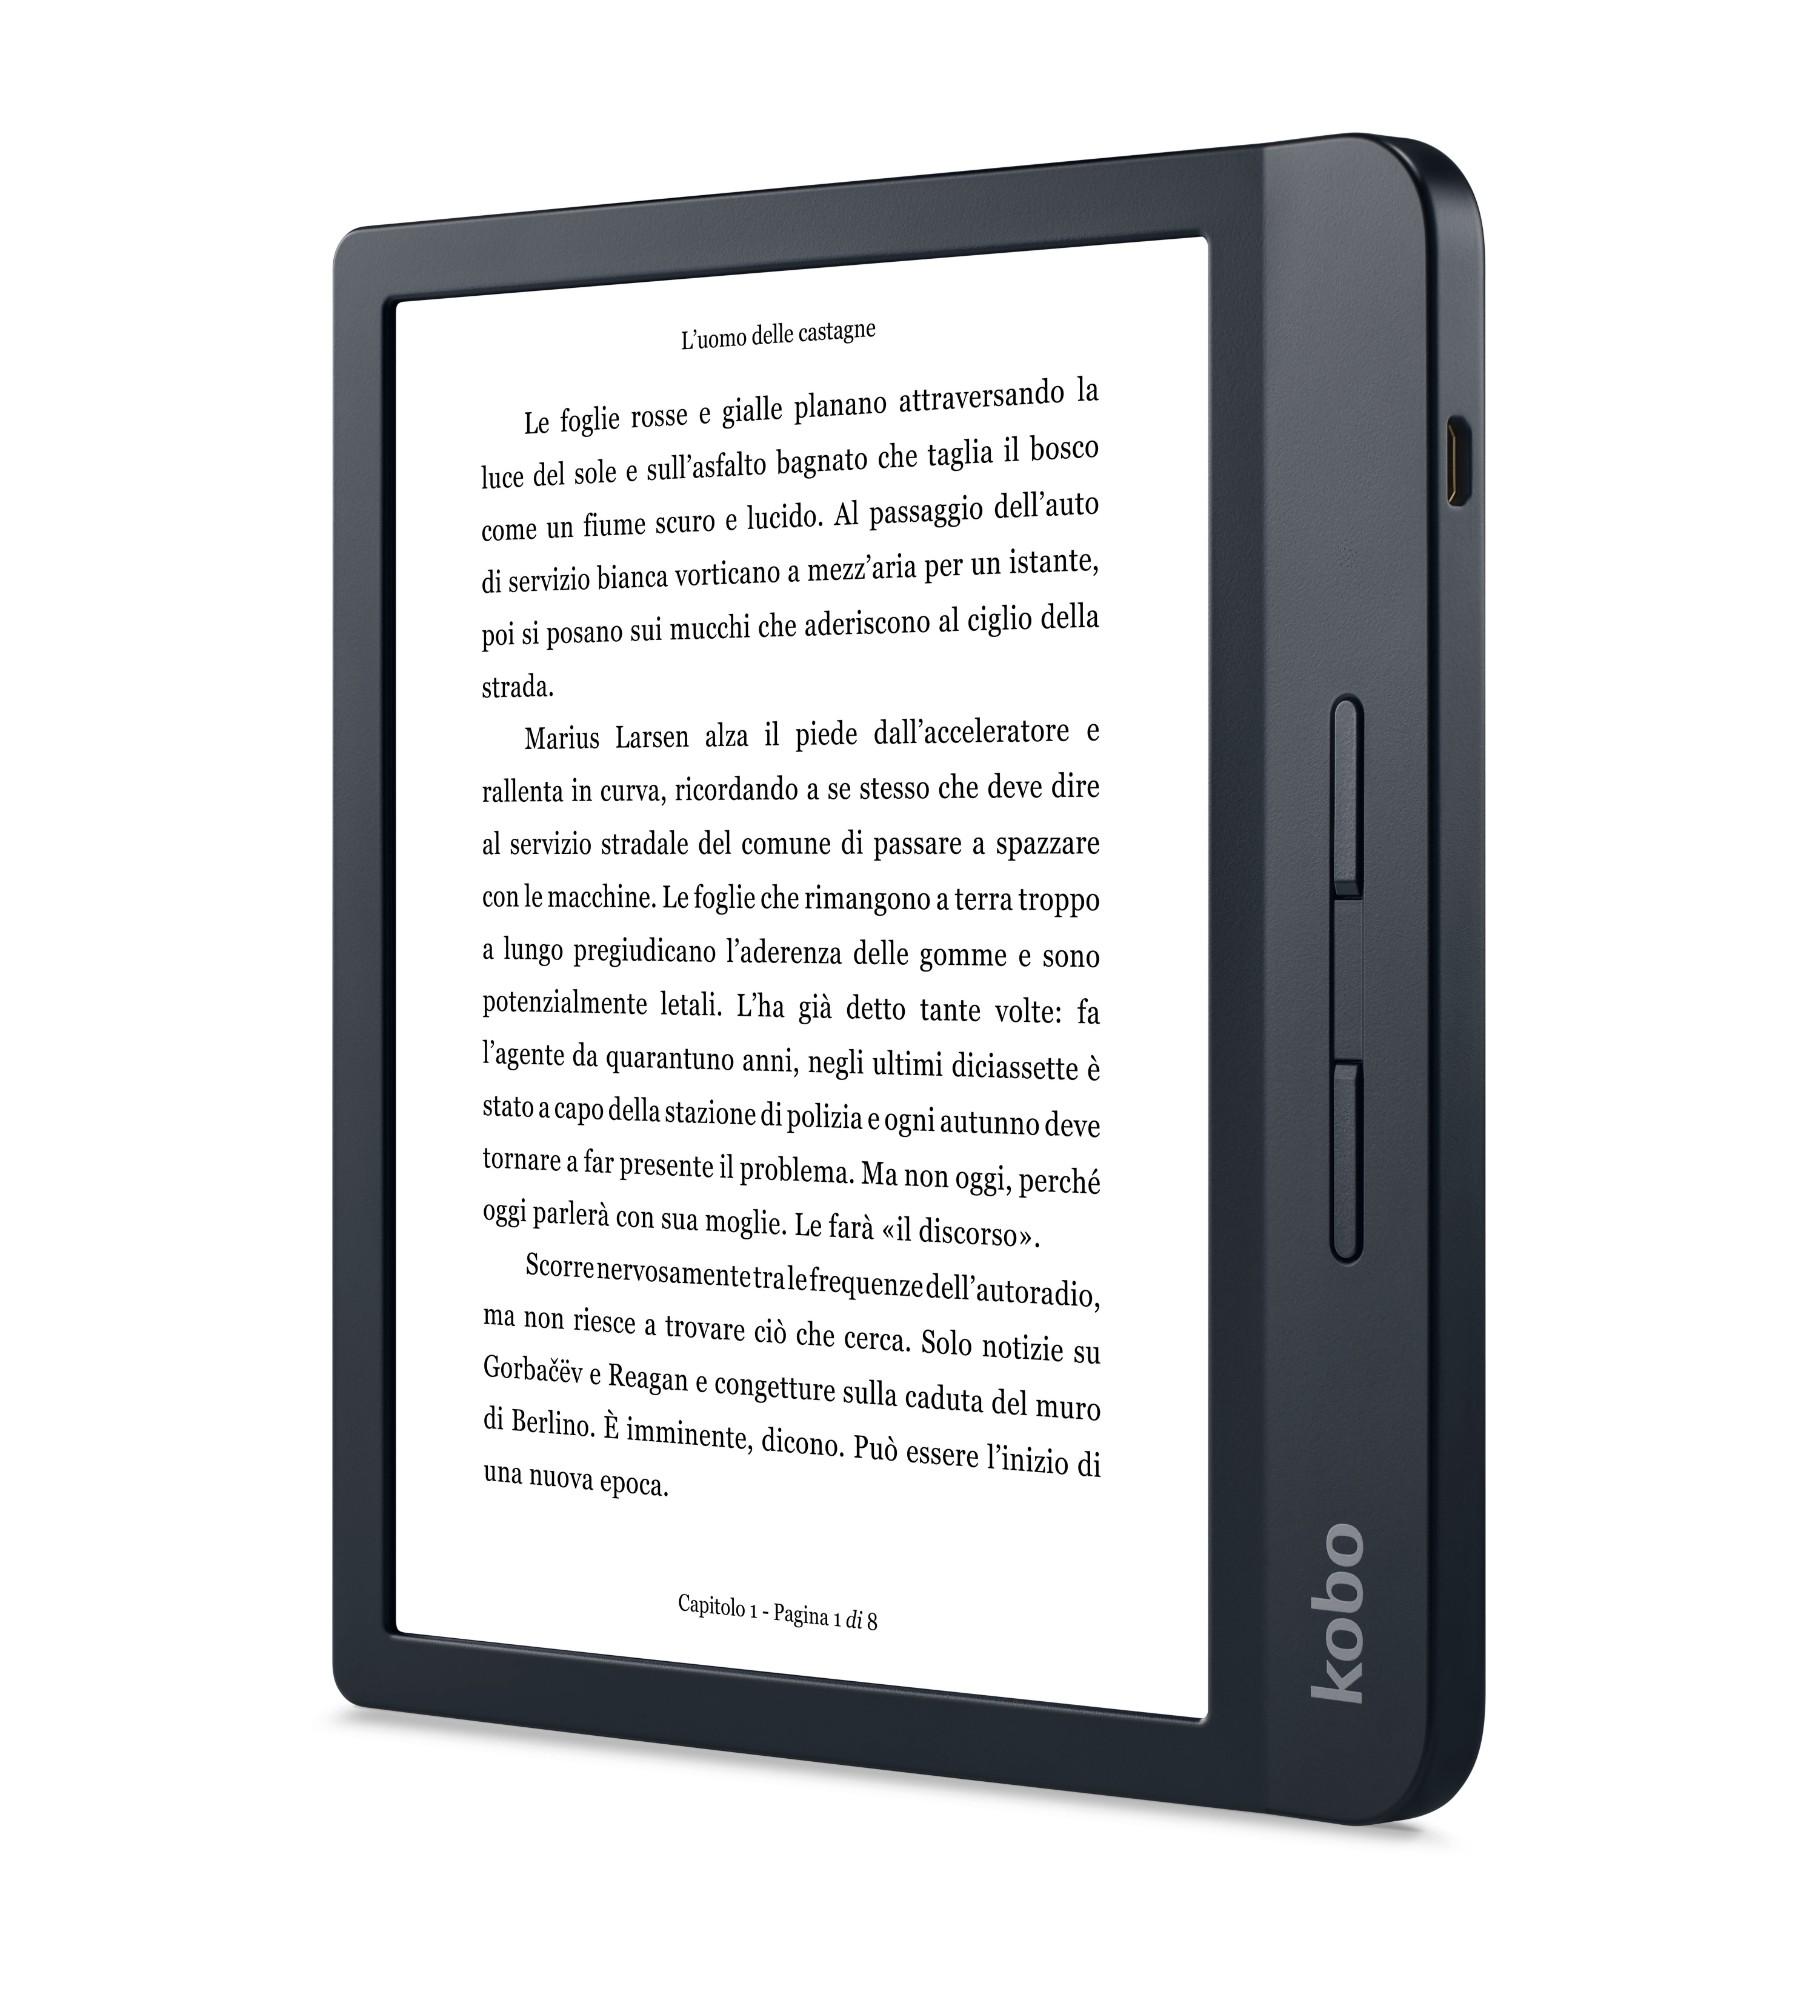 Rakuten Kobo Libra H2O lectore de e-book Pantalla táctil 8 GB Wifi Negro